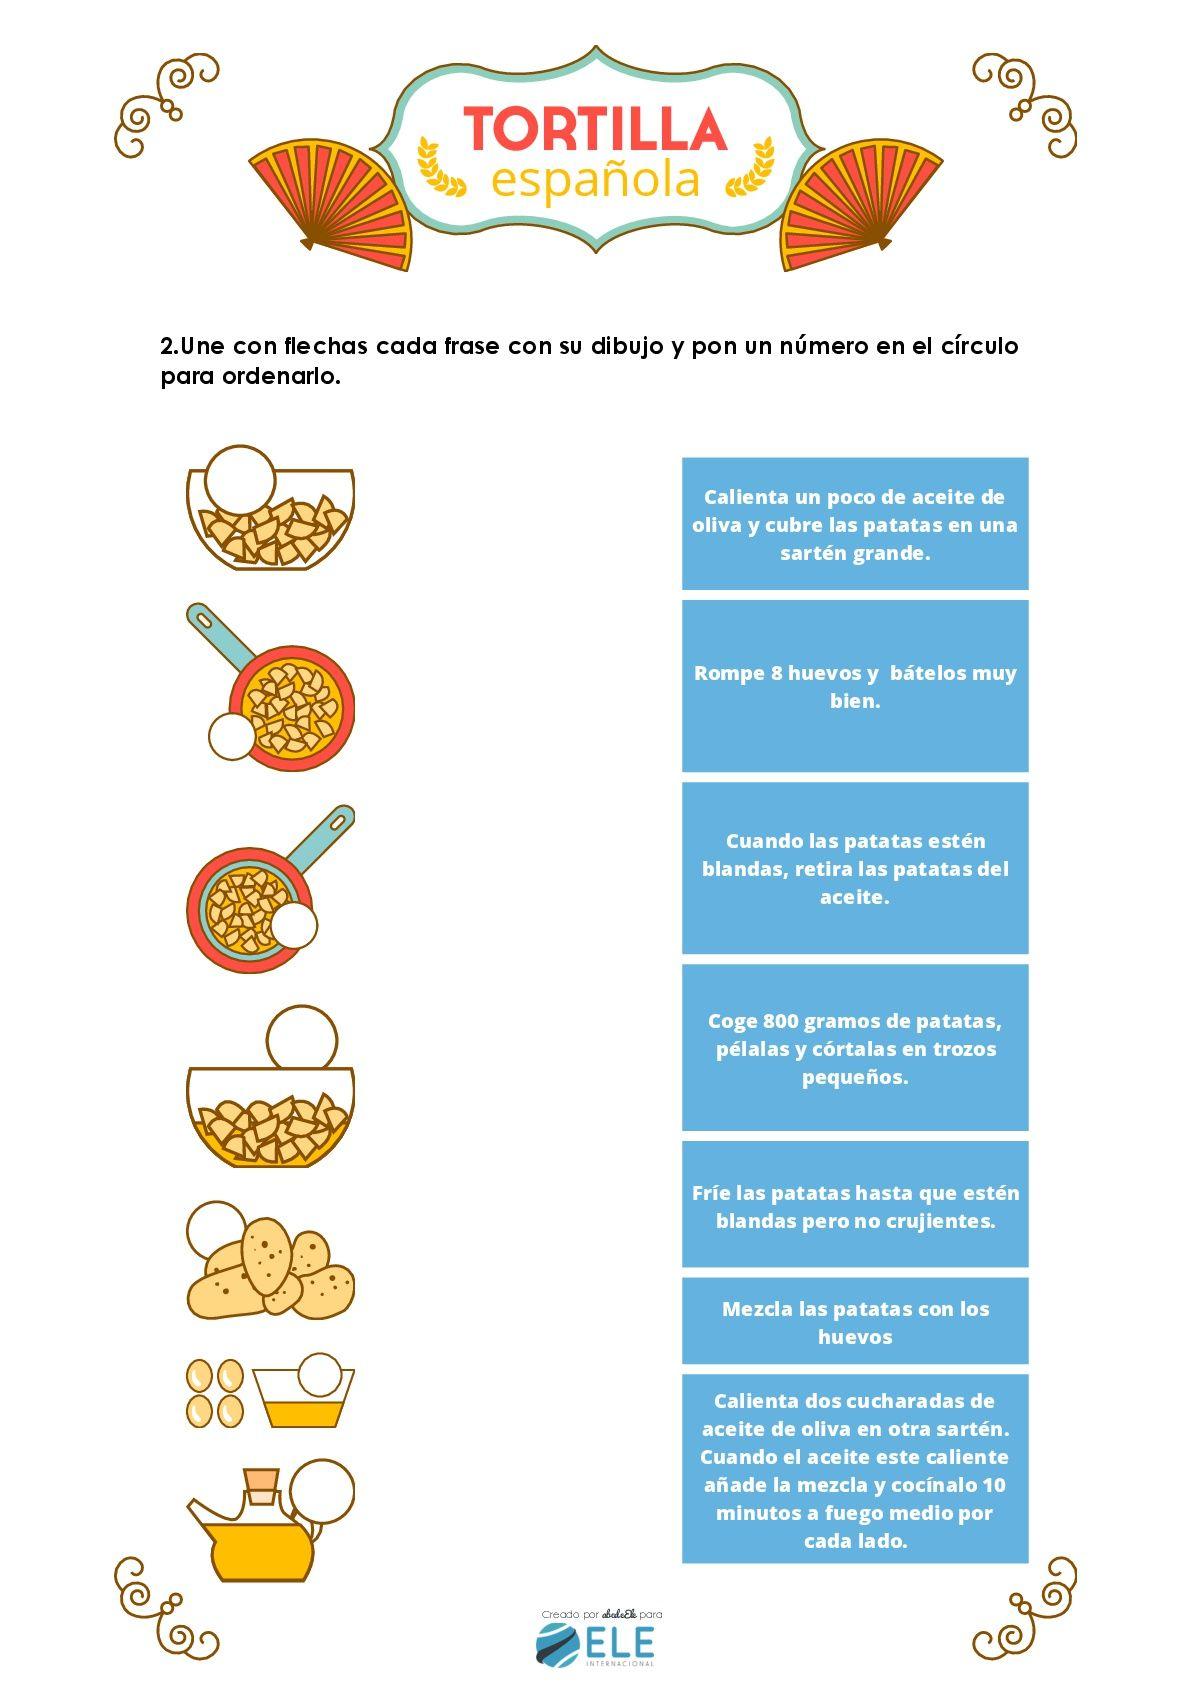 Tortilla Espanola Eleinternacional 002